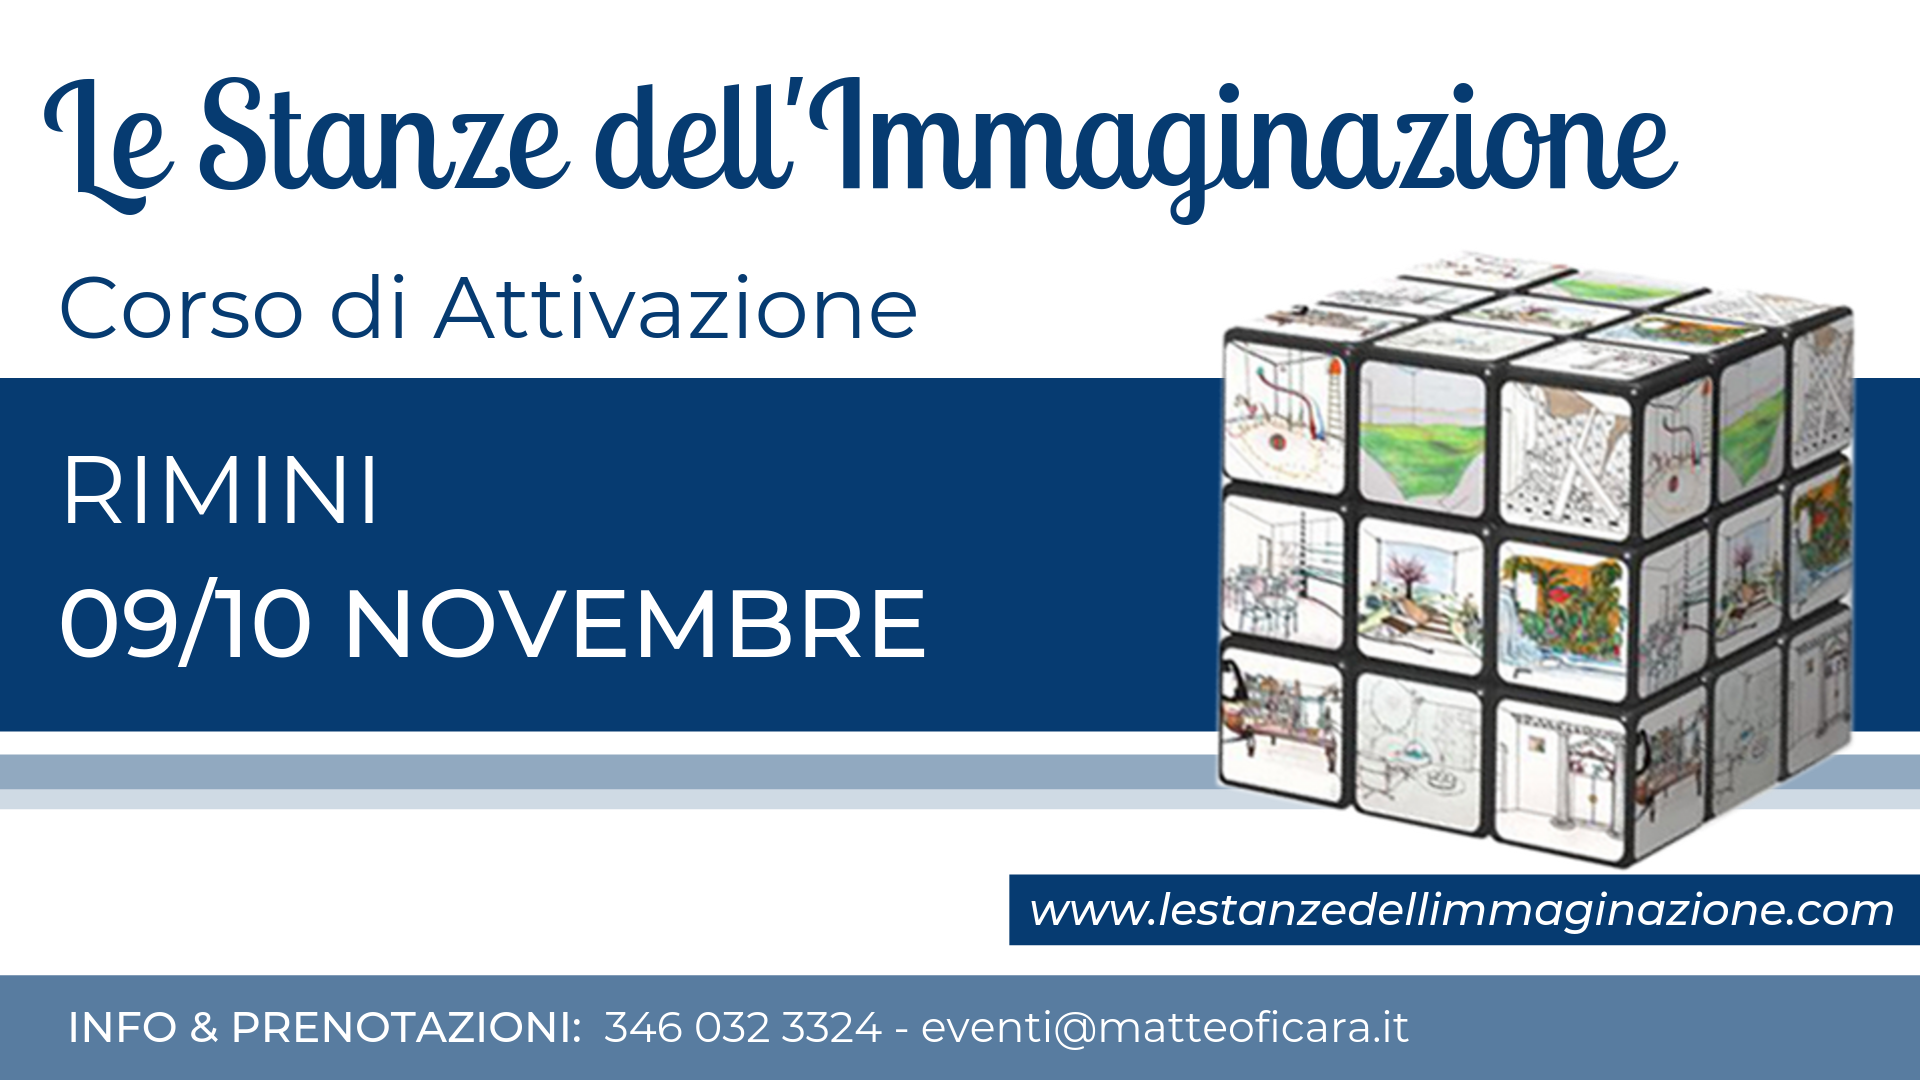 Le Stanze dell'Immaginazione - Rimini